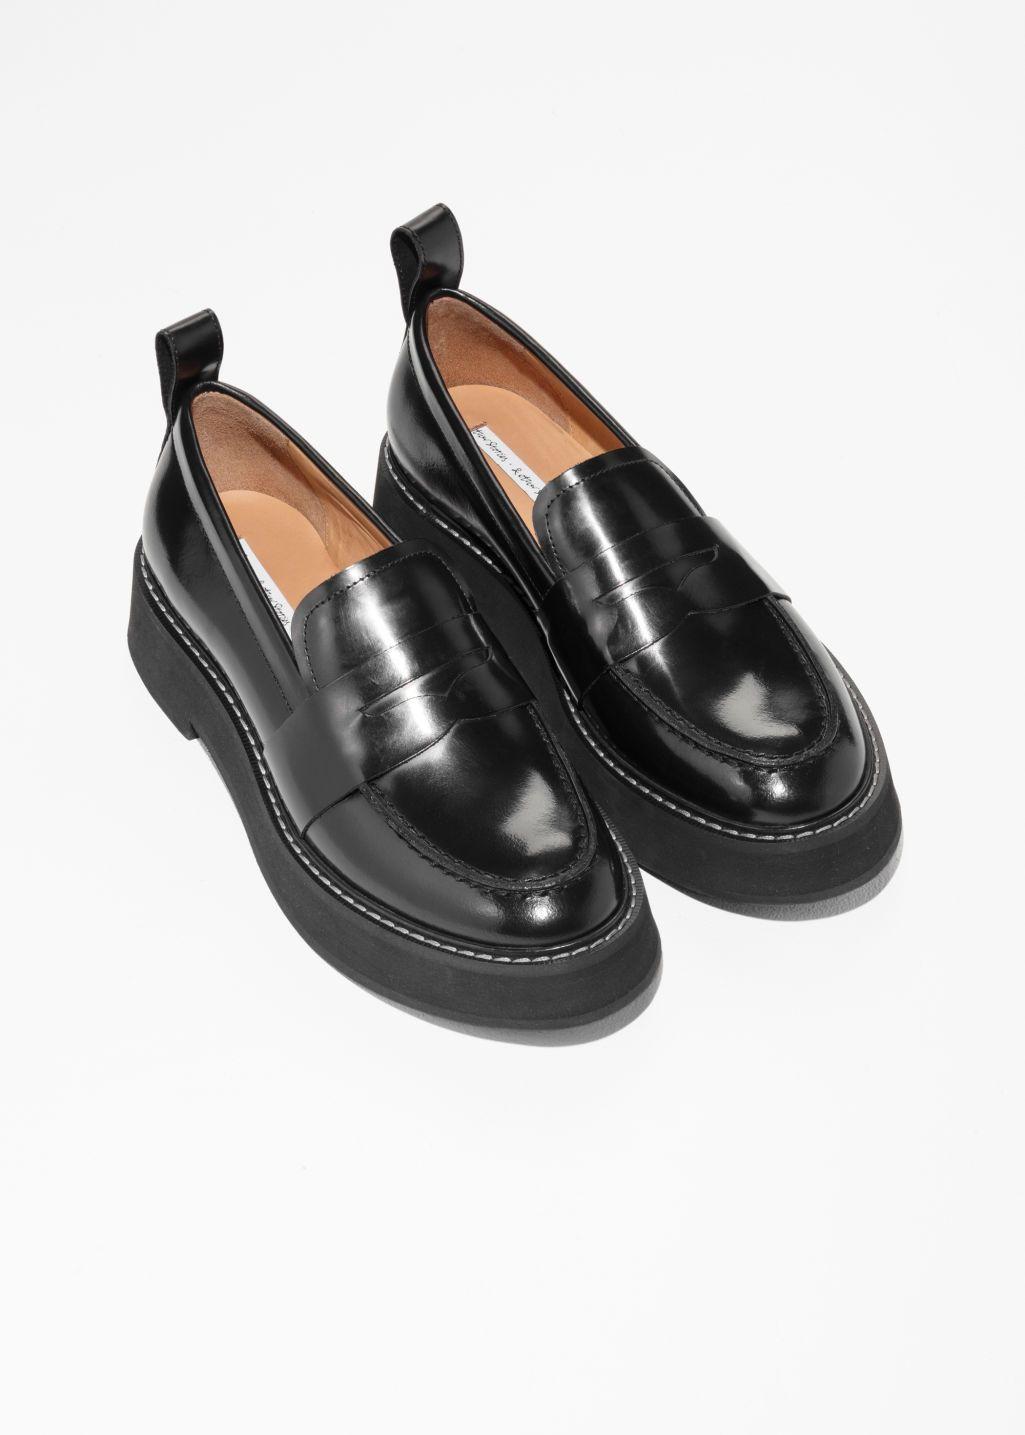 Chunky Loafers Chunky Loafers Black Loafers Outfit Black Loafers Women [ 1435 x 1025 Pixel ]